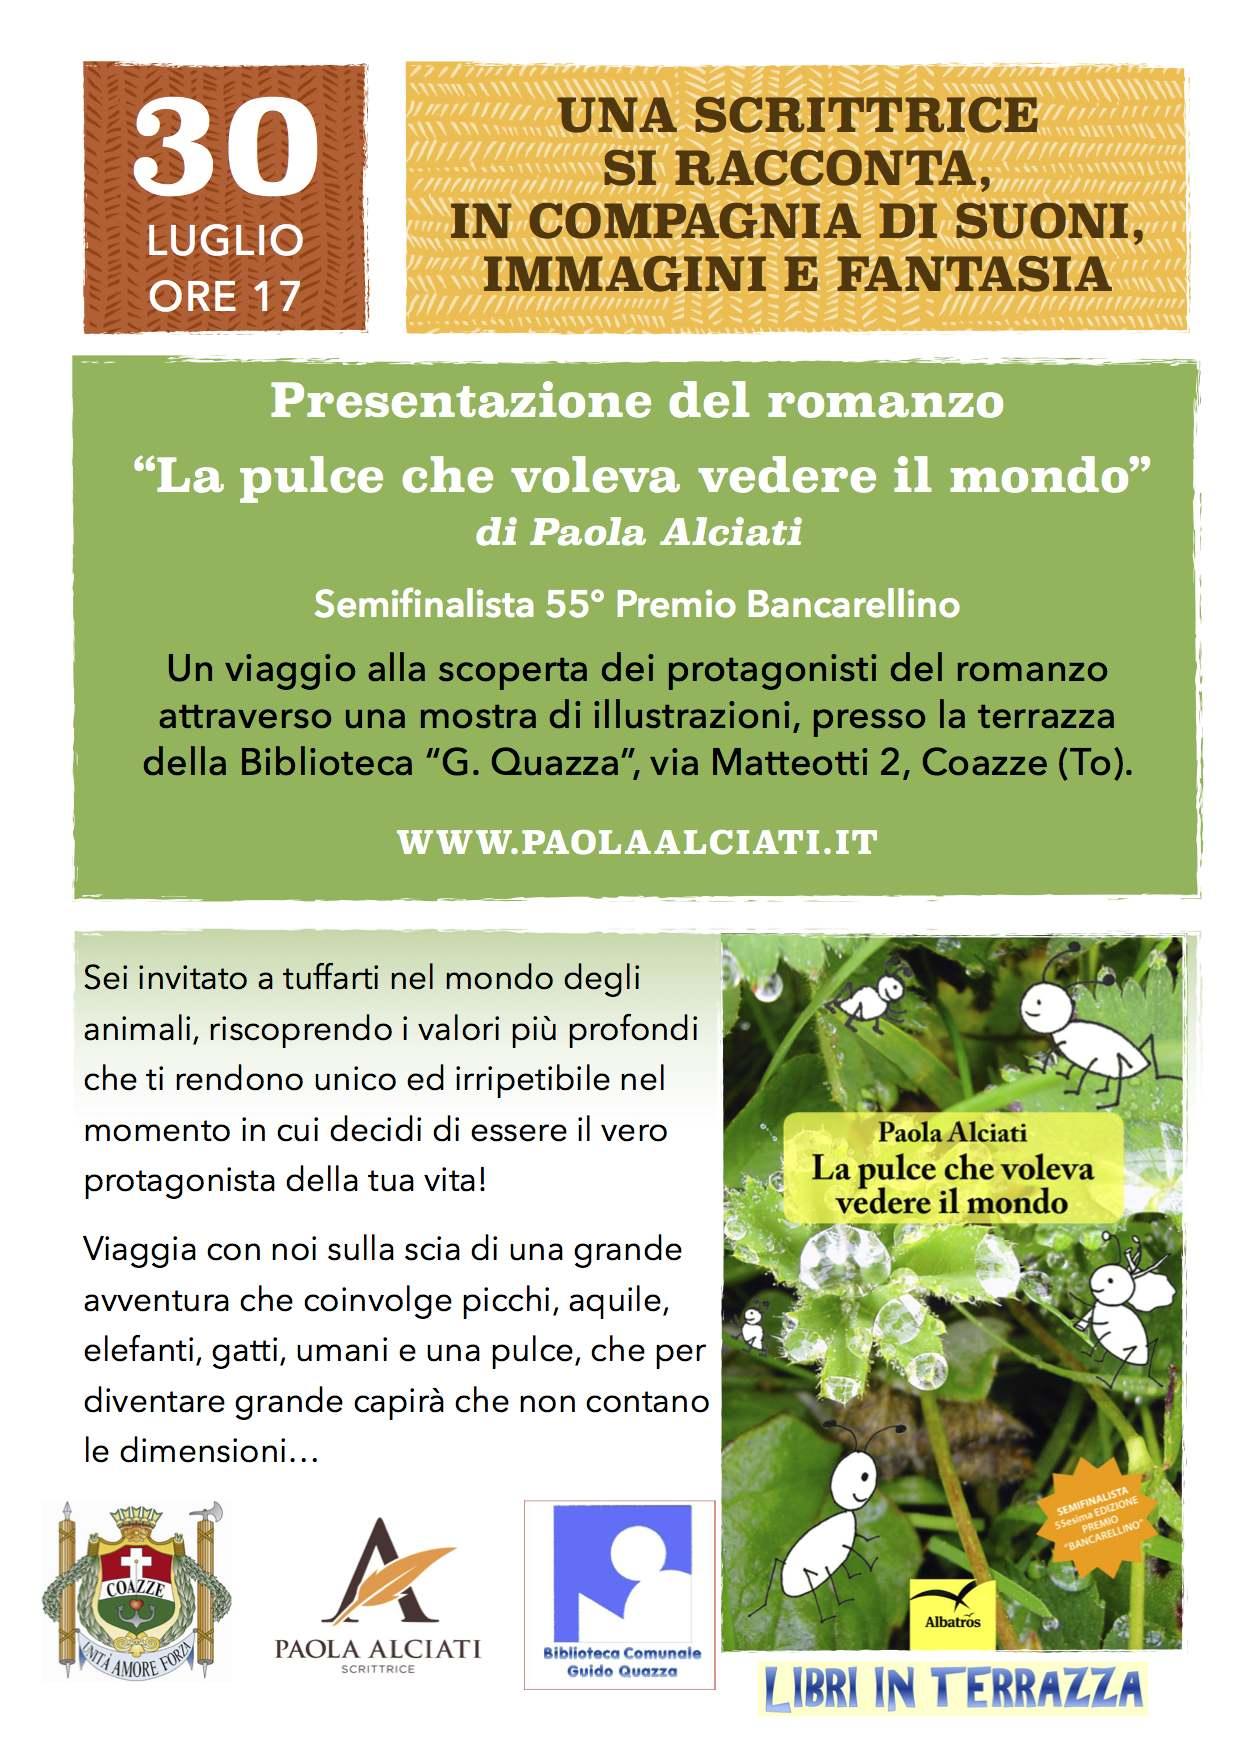 """Presentazione del romanzo """"La pulce che voleva vedere il mondo"""" di Paola Alciati – Sabato 30 luglio 2016 – ore 17,00 – Terrazza della biblioteca di Coazze"""